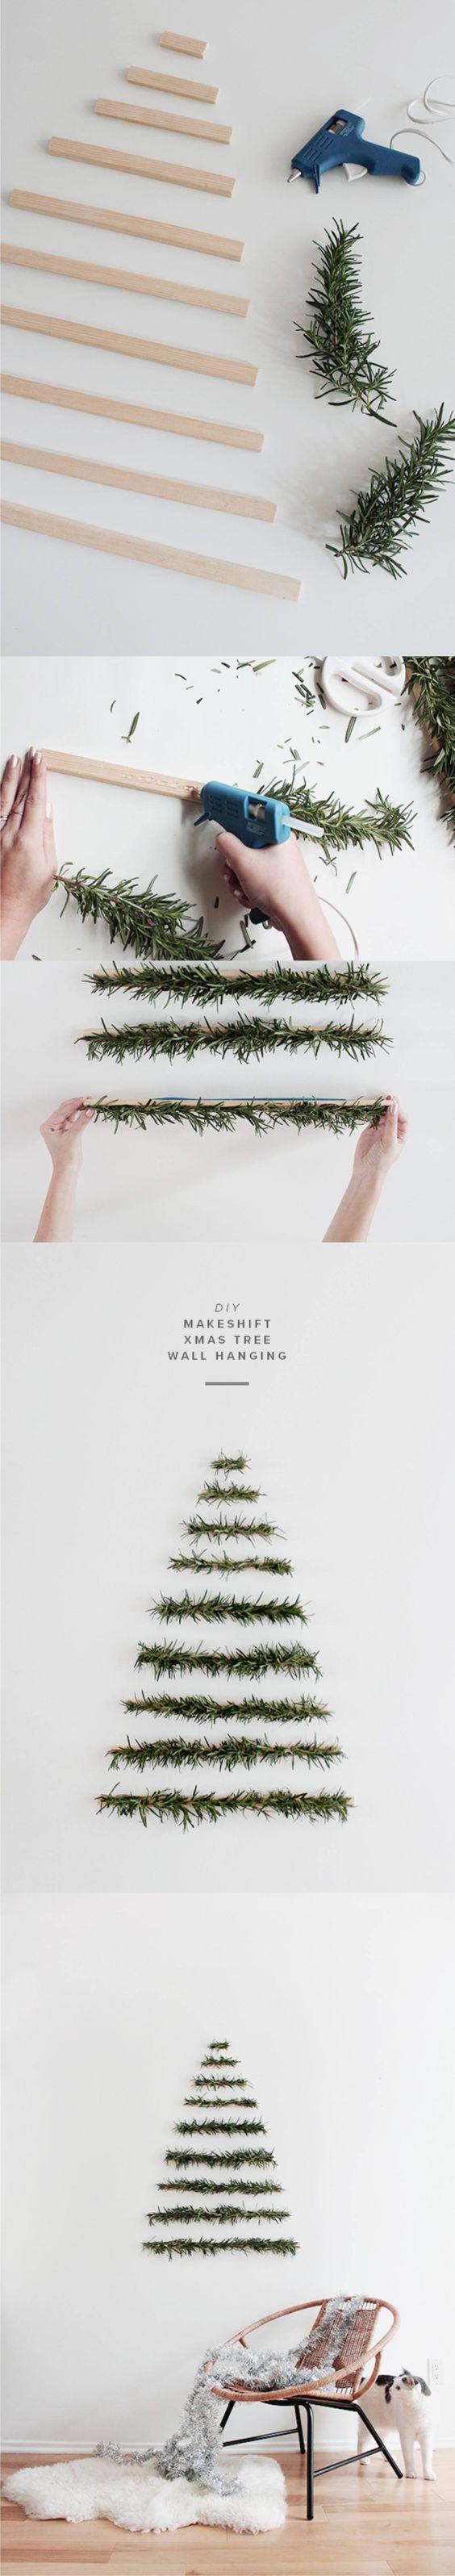 Manualidades Para El Hogar Navidad.15 Manualidades Sencillas Para Decorar Tu Casa Esta Navidad